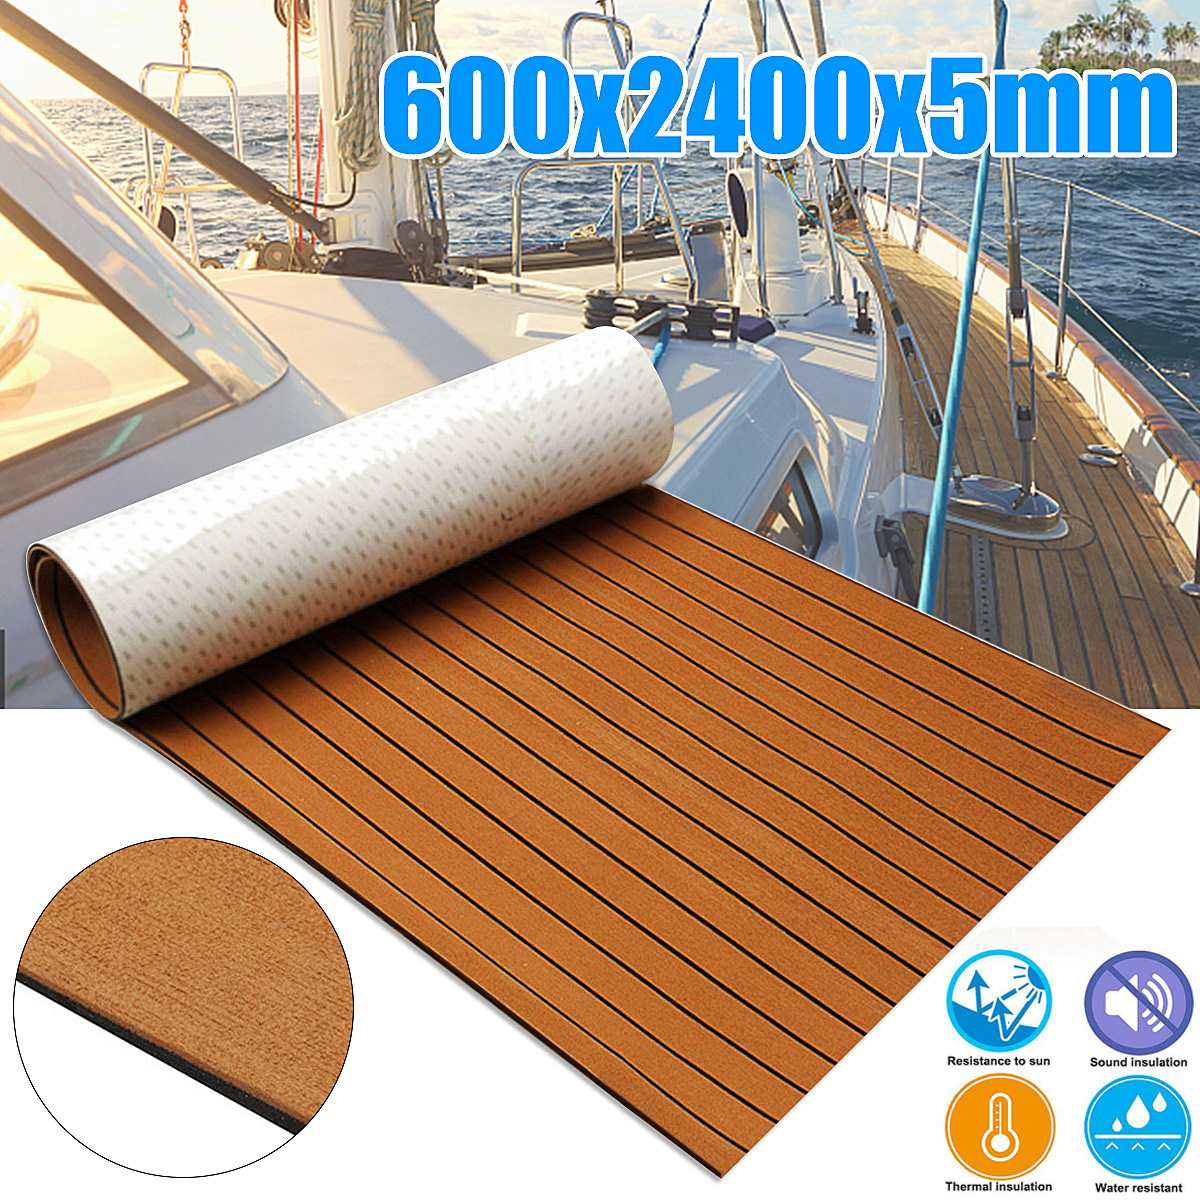 Auto-adhésif 600x2400x5mm marron noir teck platelage EVA mousse Marine plancher Faux bateau platelage feuille